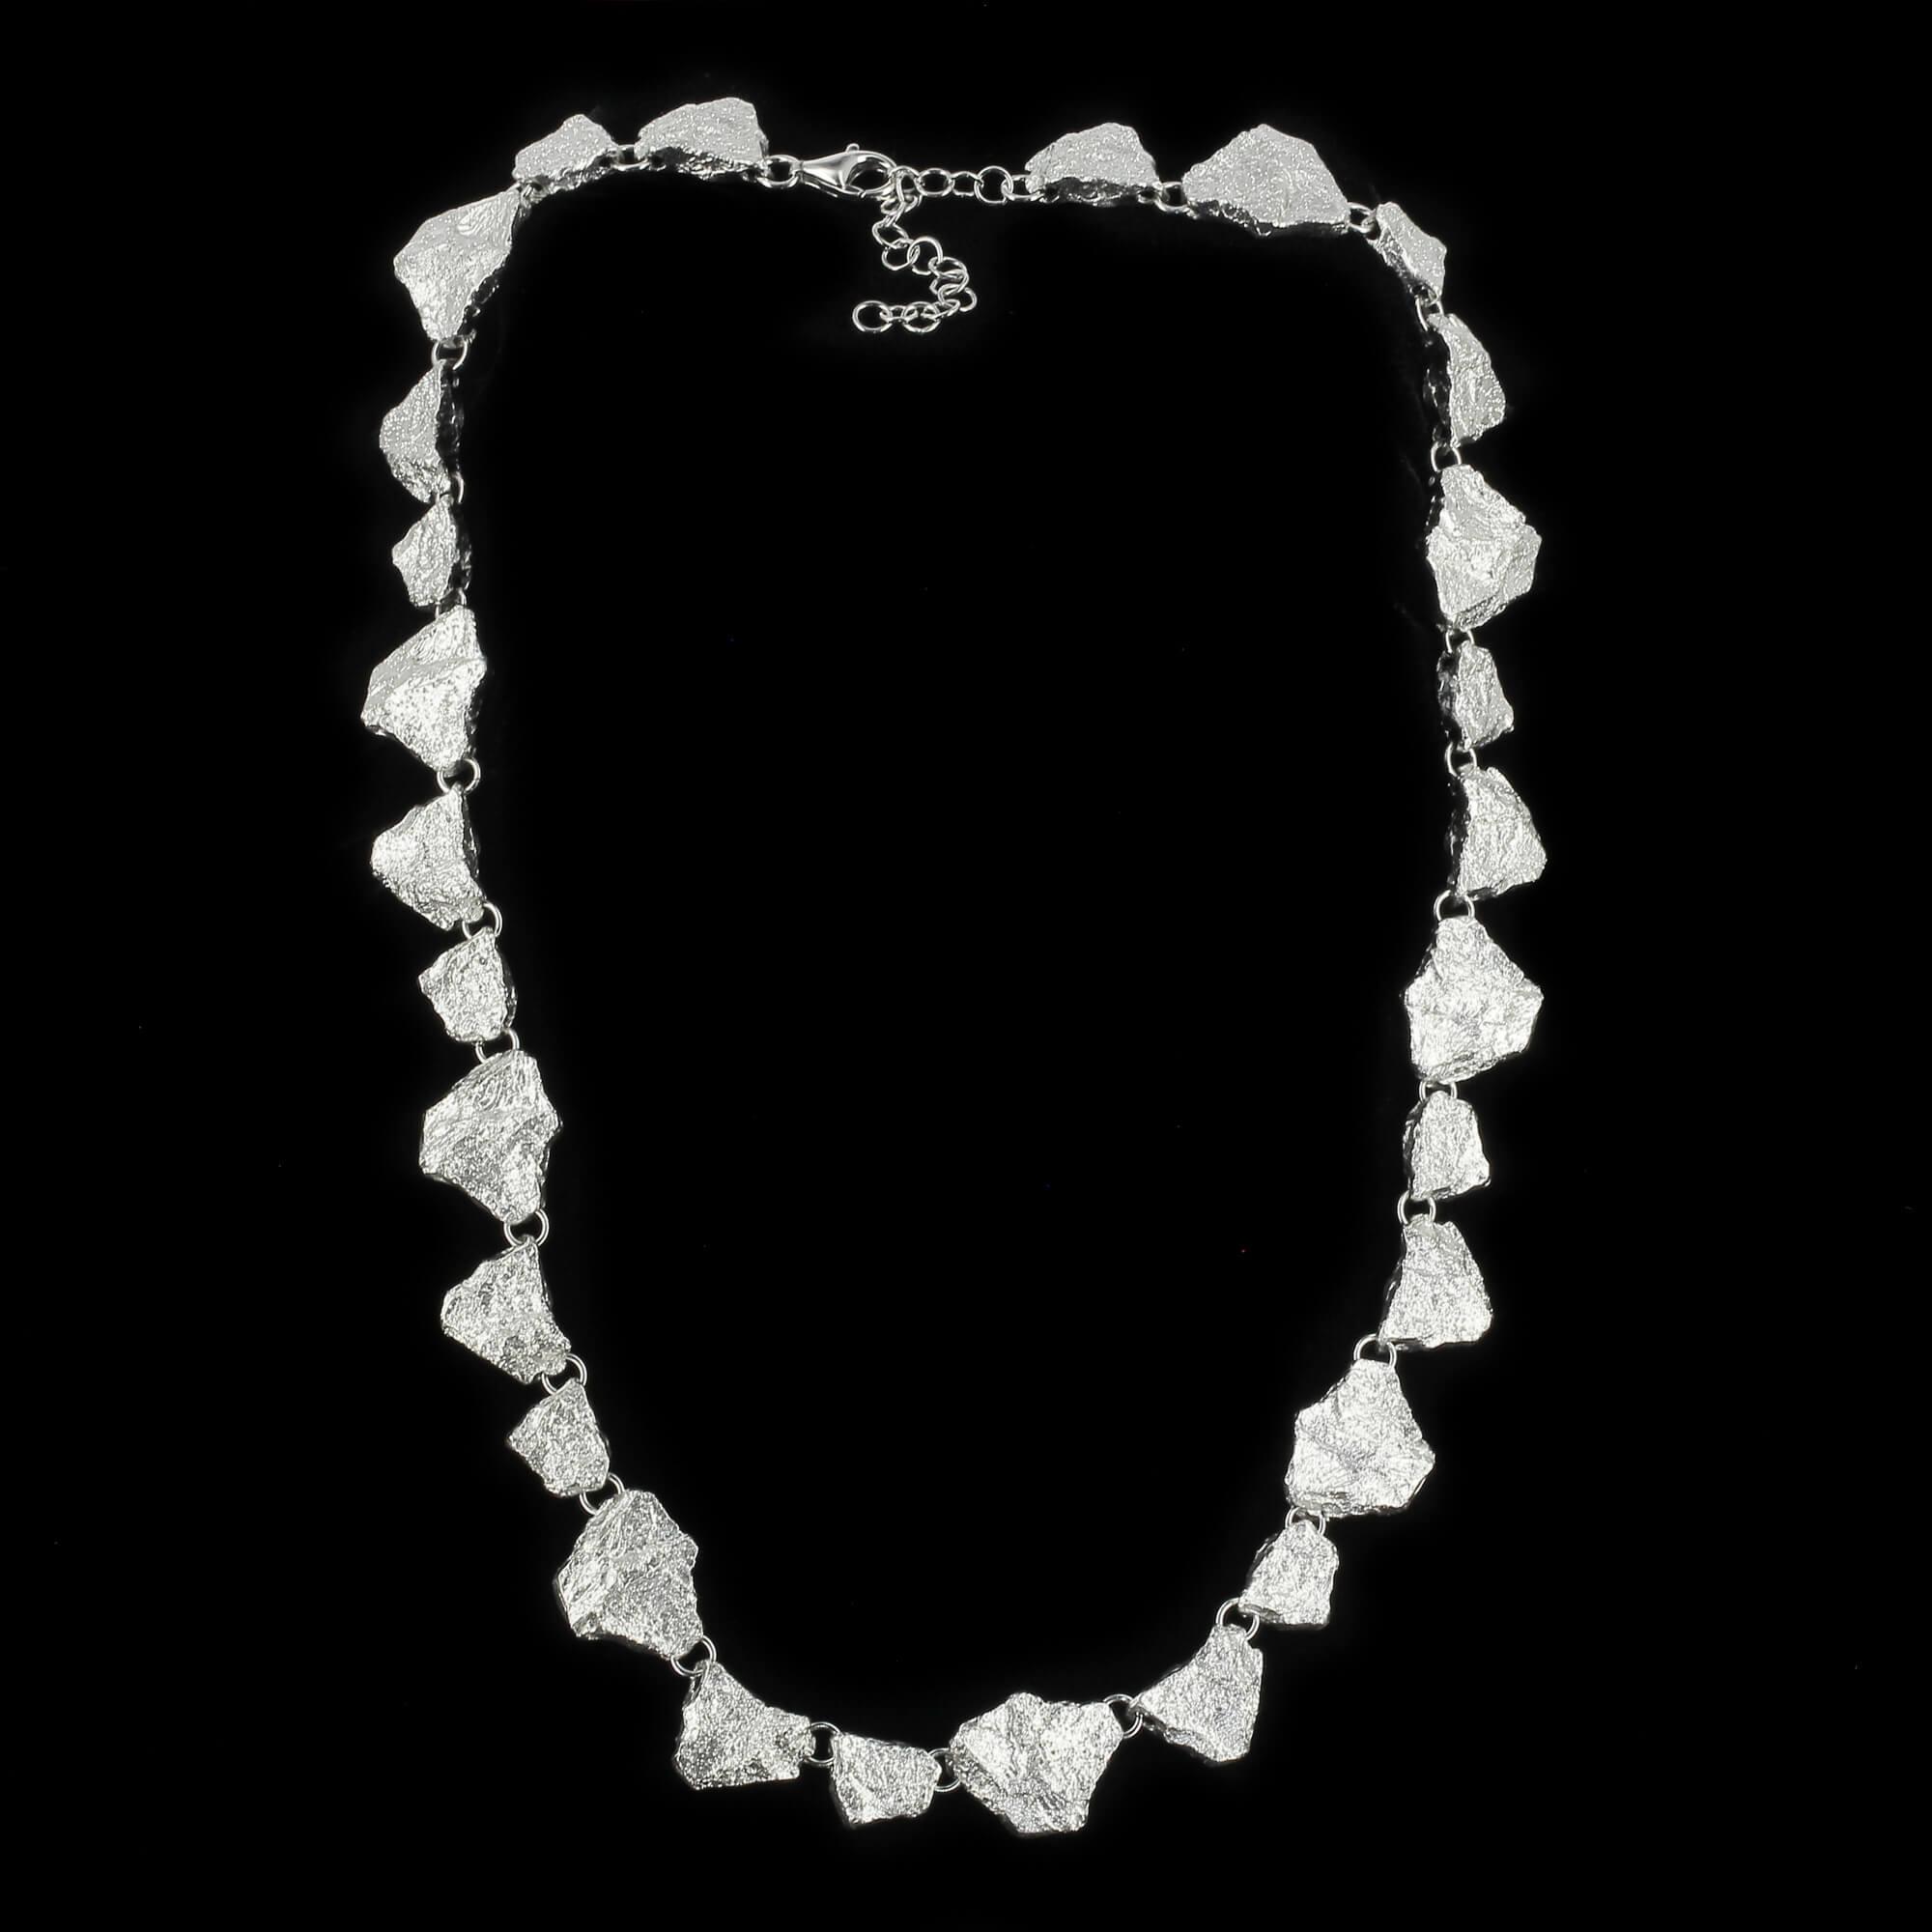 Schitterende steenvormige zilveren ketting